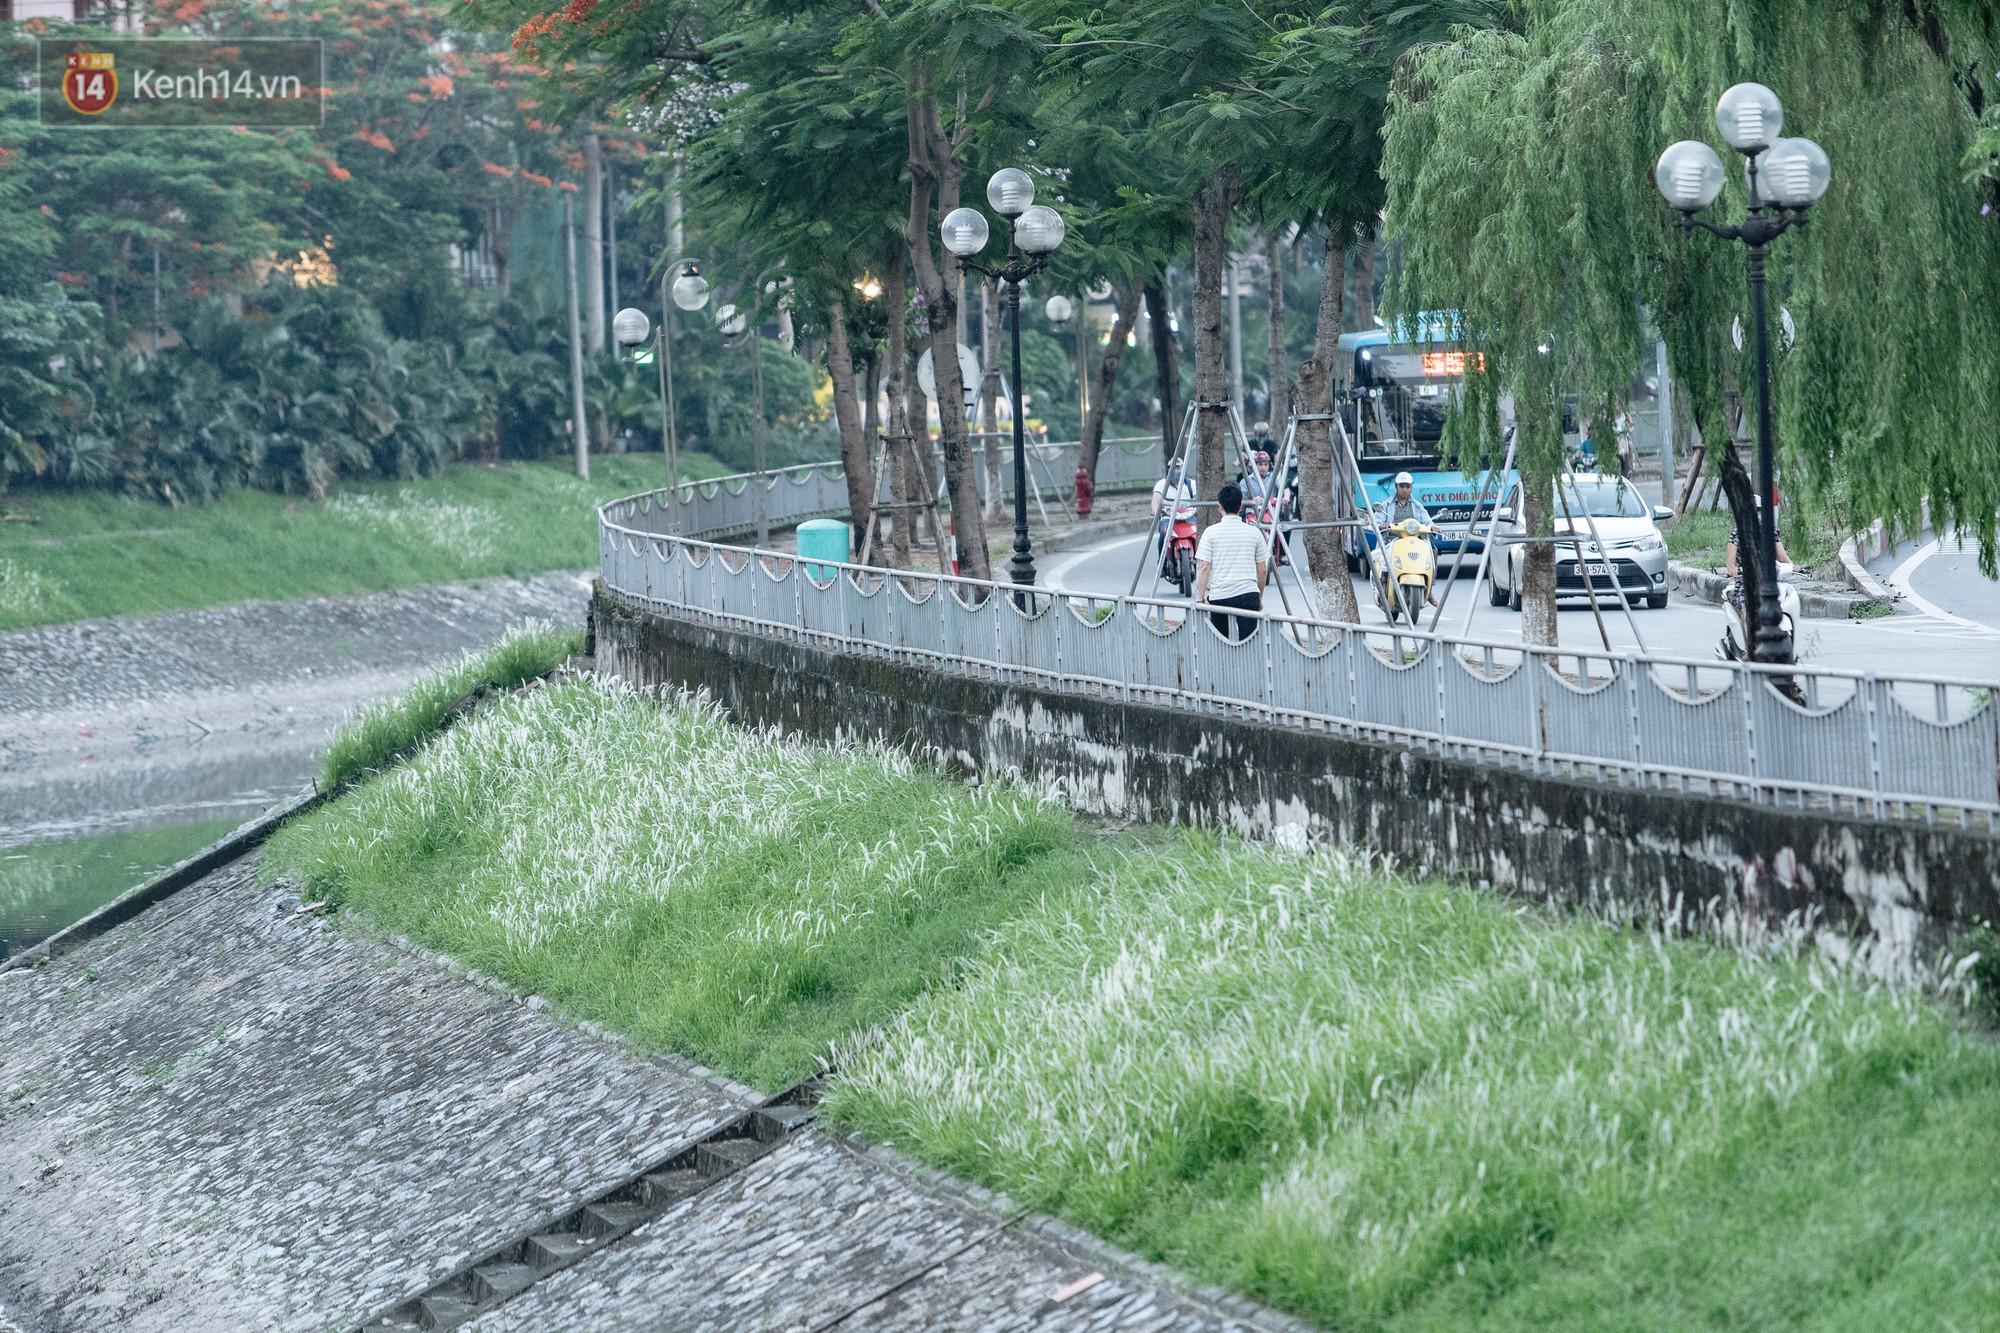 Sông Tô Lịch đổi màu sau khi làm sạch bằng công nghệ Nhật Bản: Hoa lau xanh mướt, người dân thư thả câu cá - Ảnh 8.